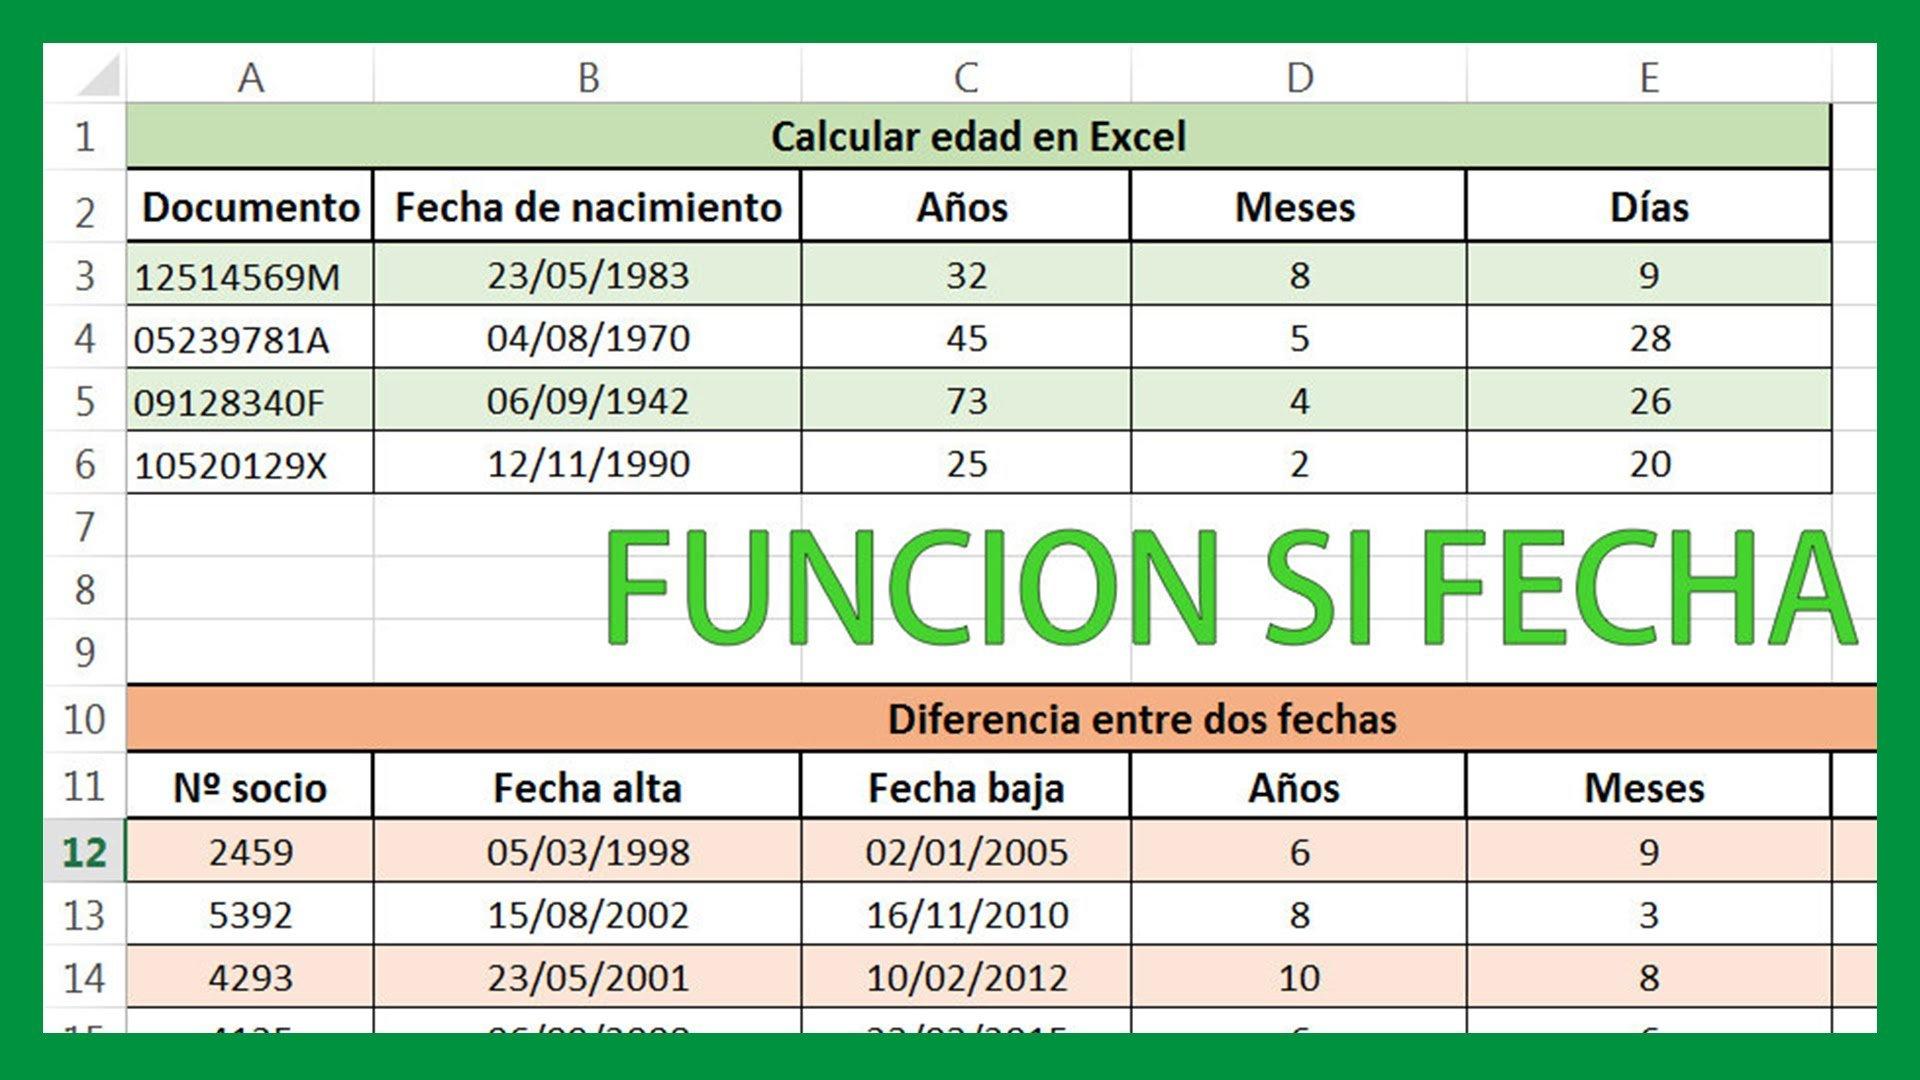 Excel – Calcular edad en Excel. Calcular diferencia entre fechas.